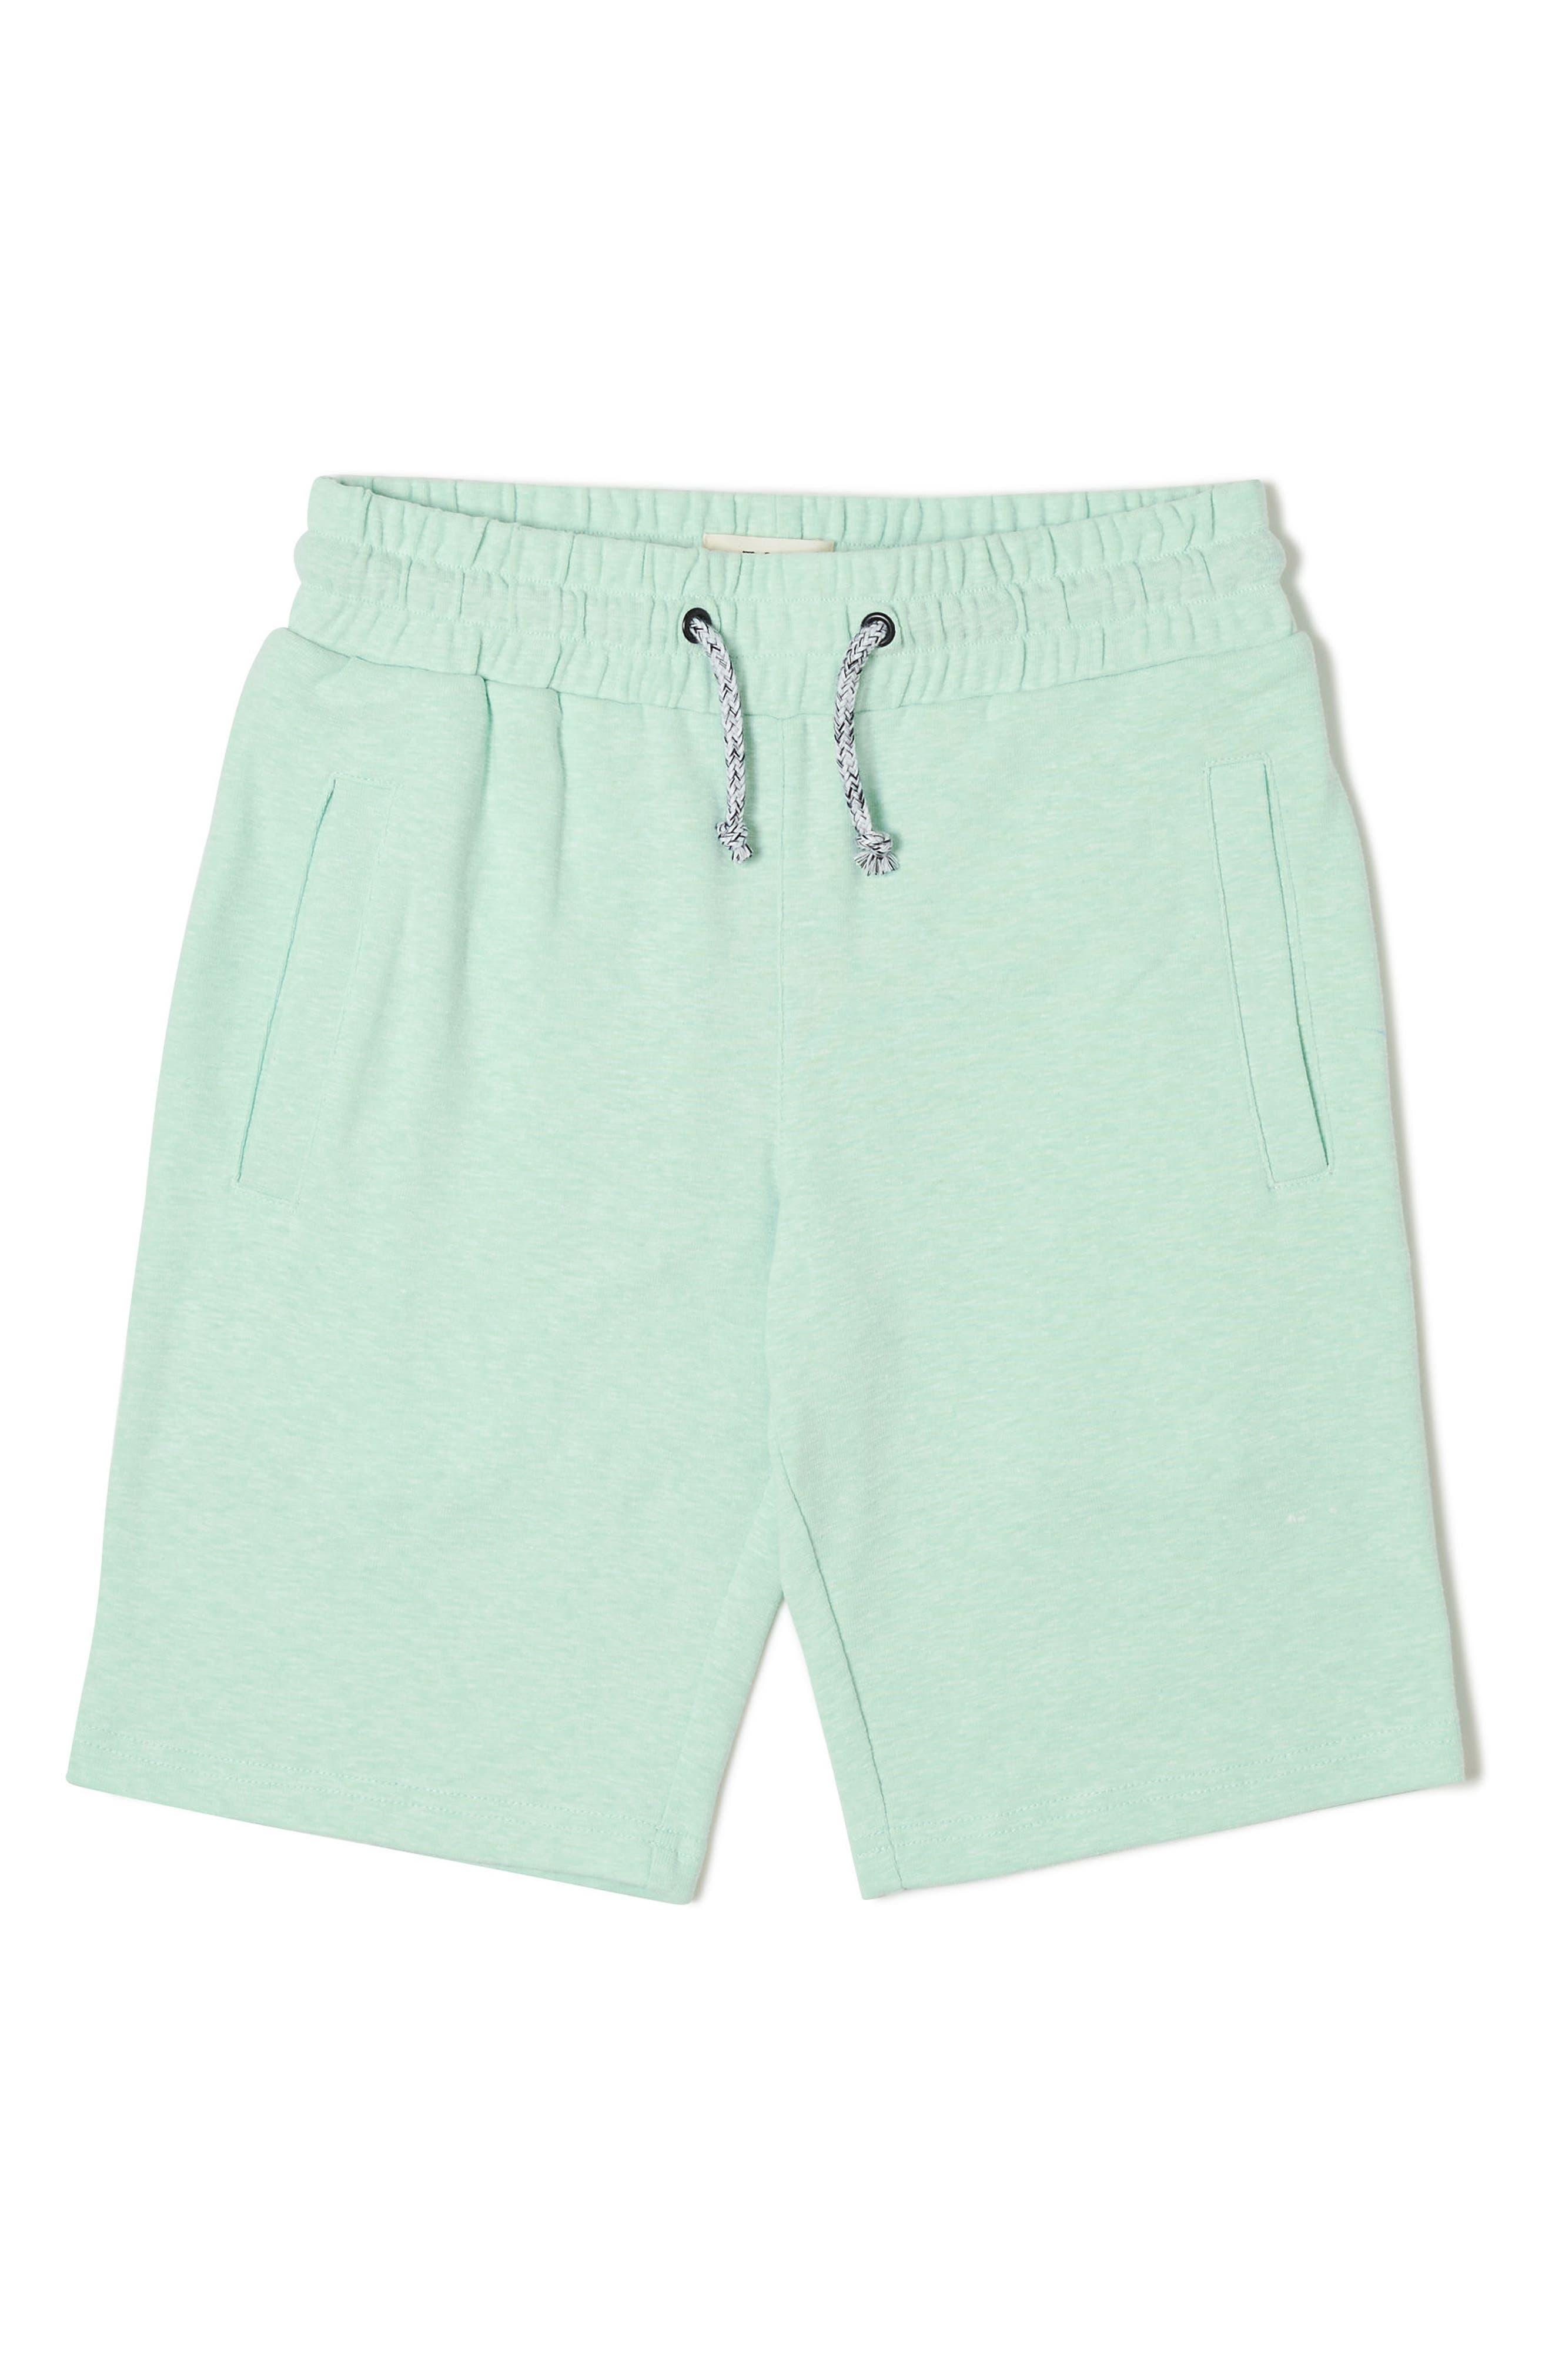 Ranger Knit Shorts,                         Main,                         color, Green